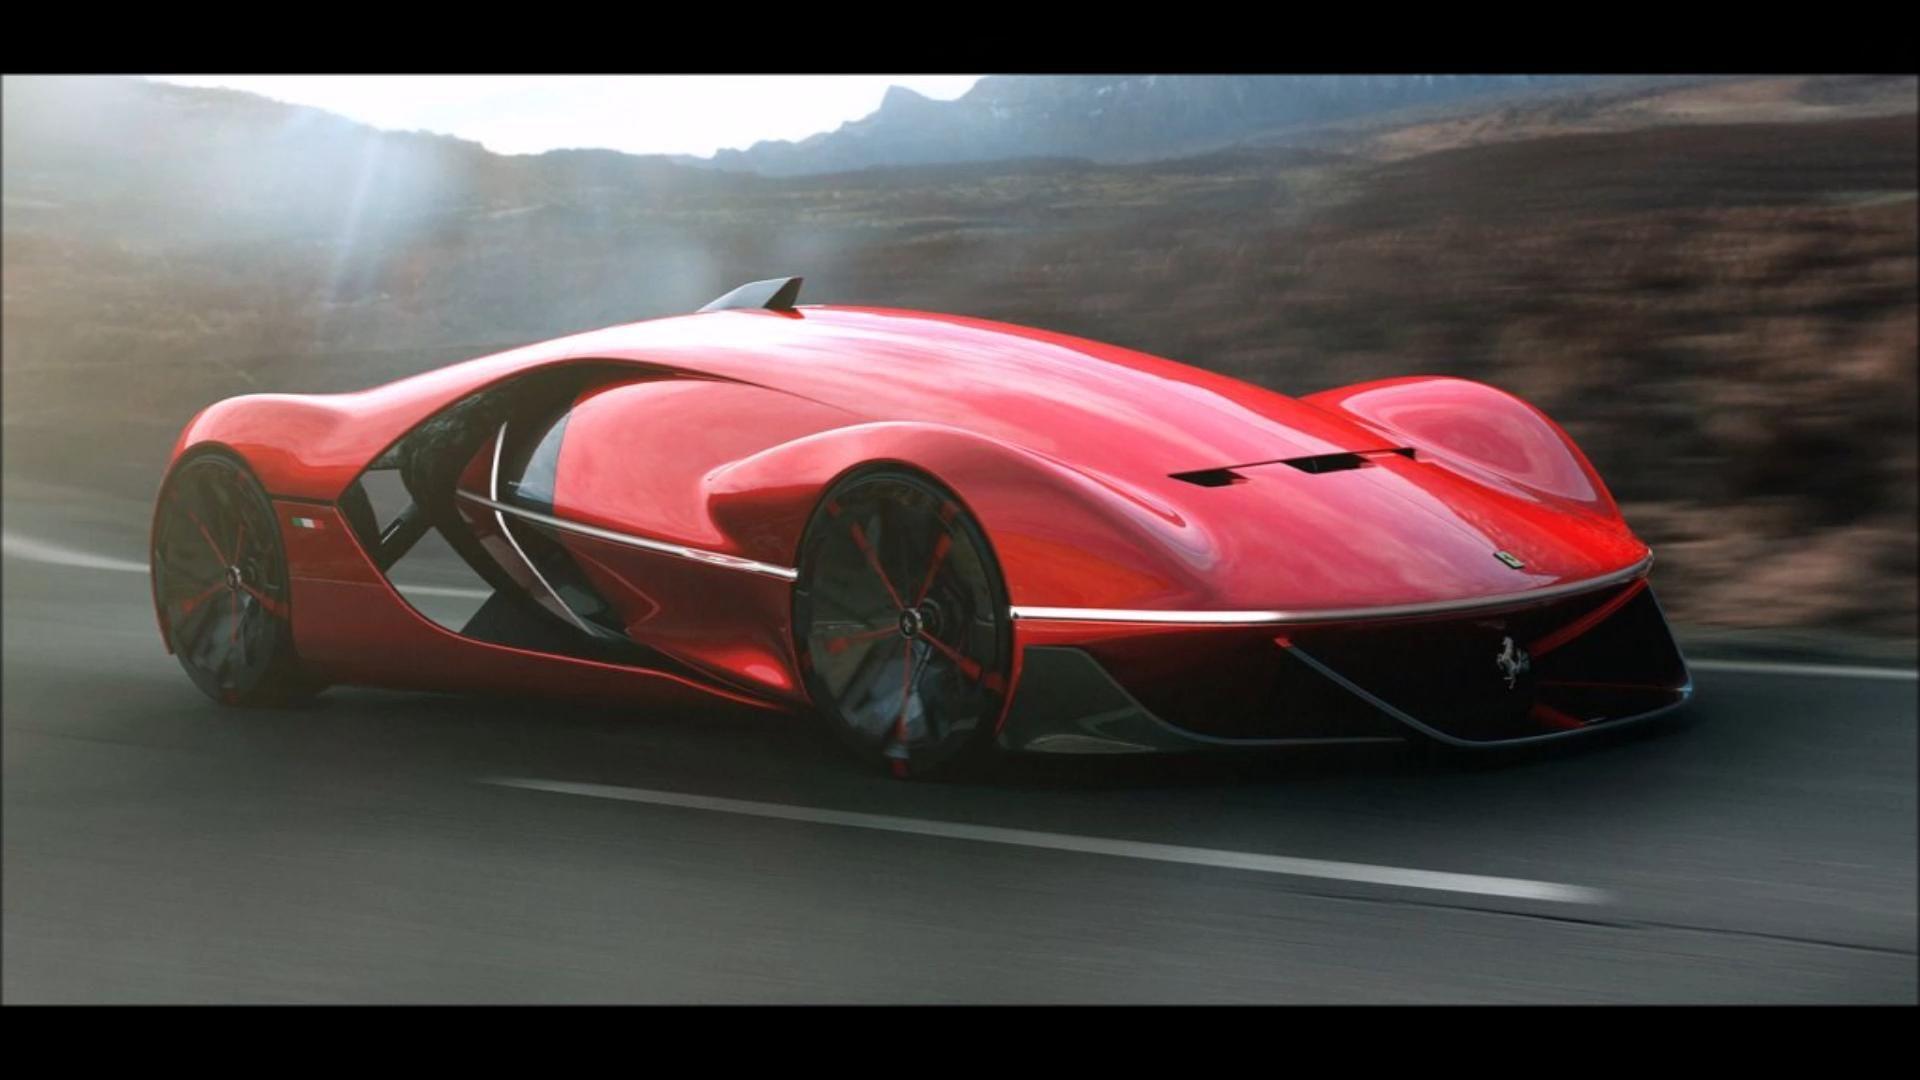 Domus Aurea Cars Collection